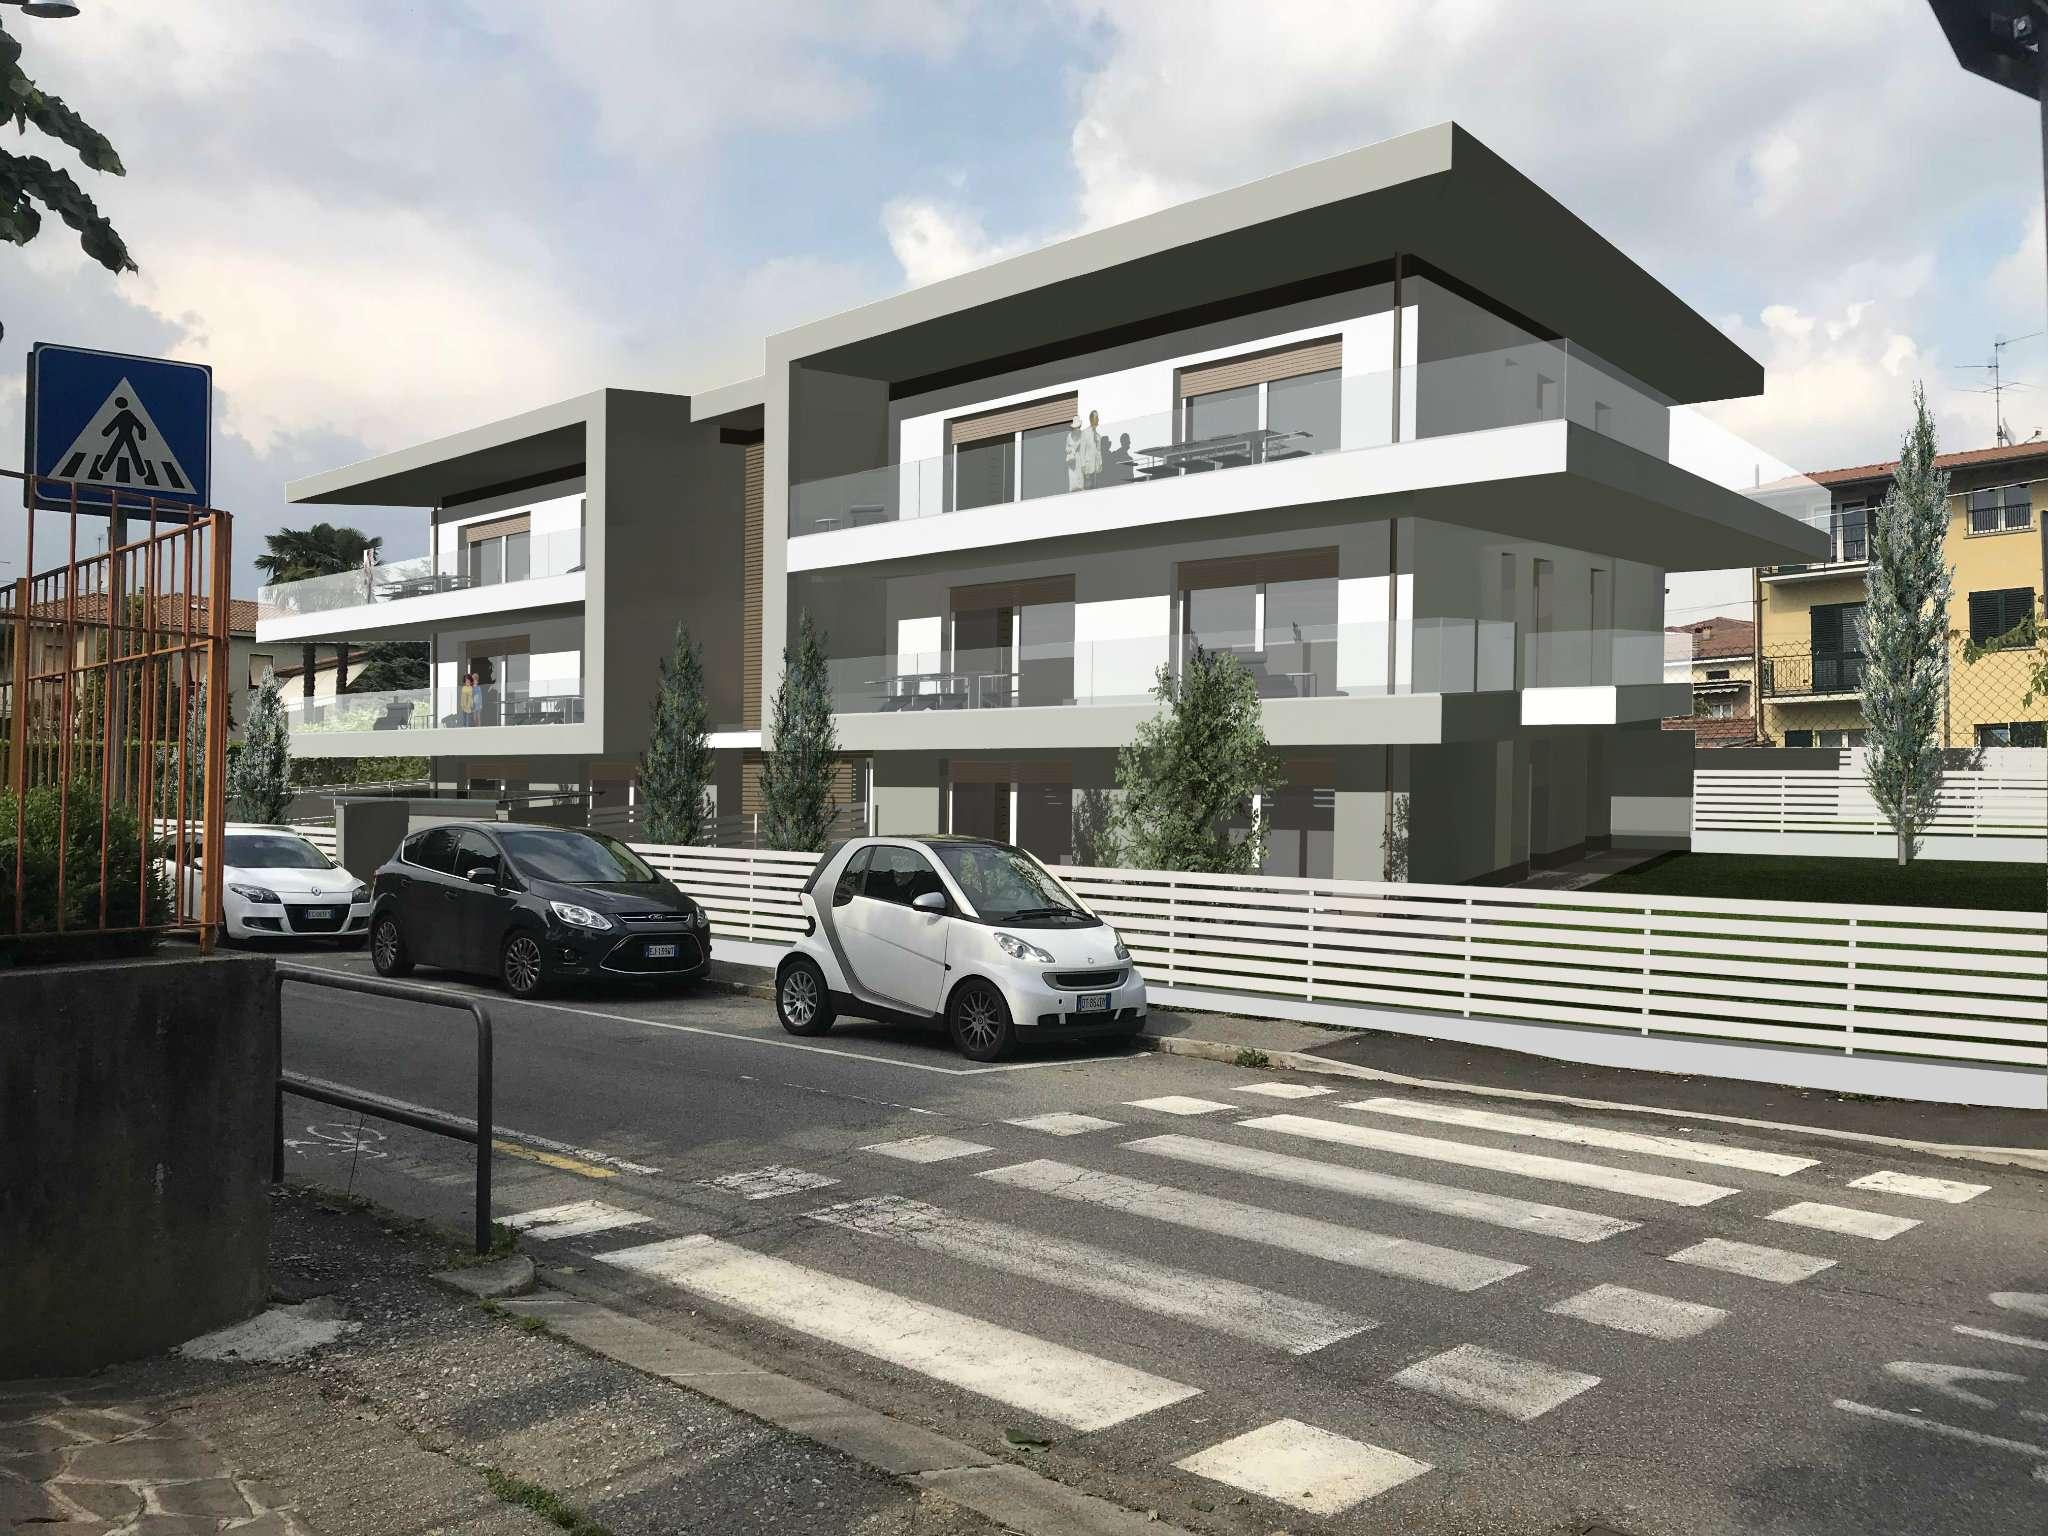 Appartamento in vendita a Valbrembo, 2 locali, prezzo € 170.000   PortaleAgenzieImmobiliari.it